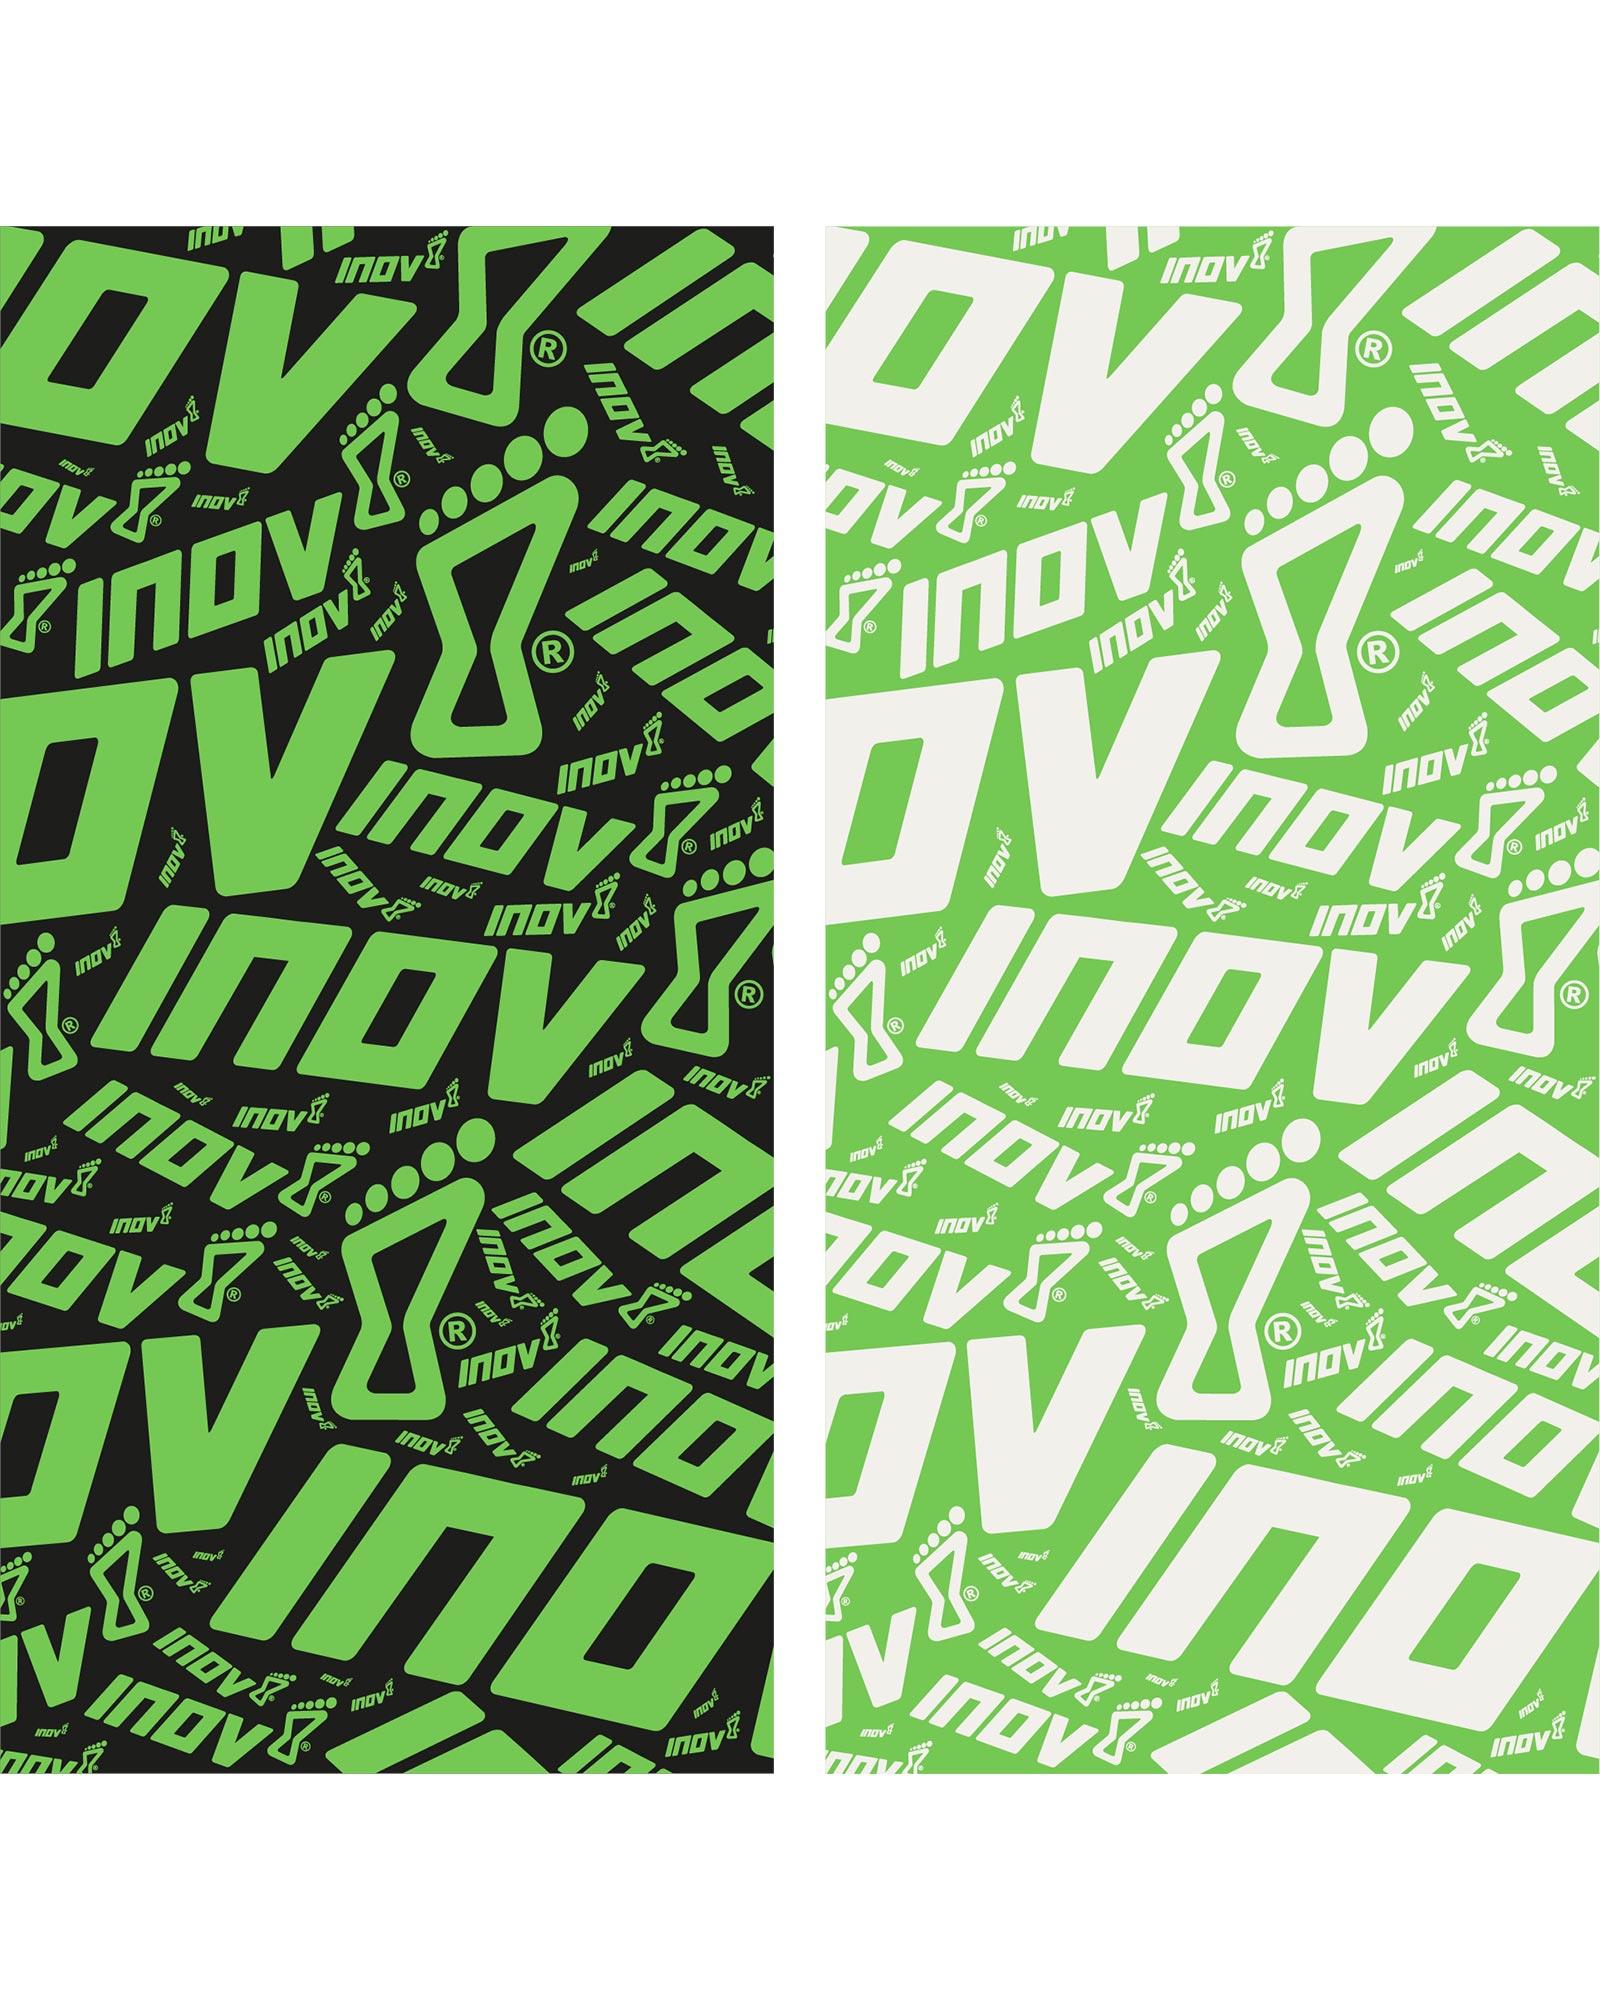 Inov-8 Wrag 30 2